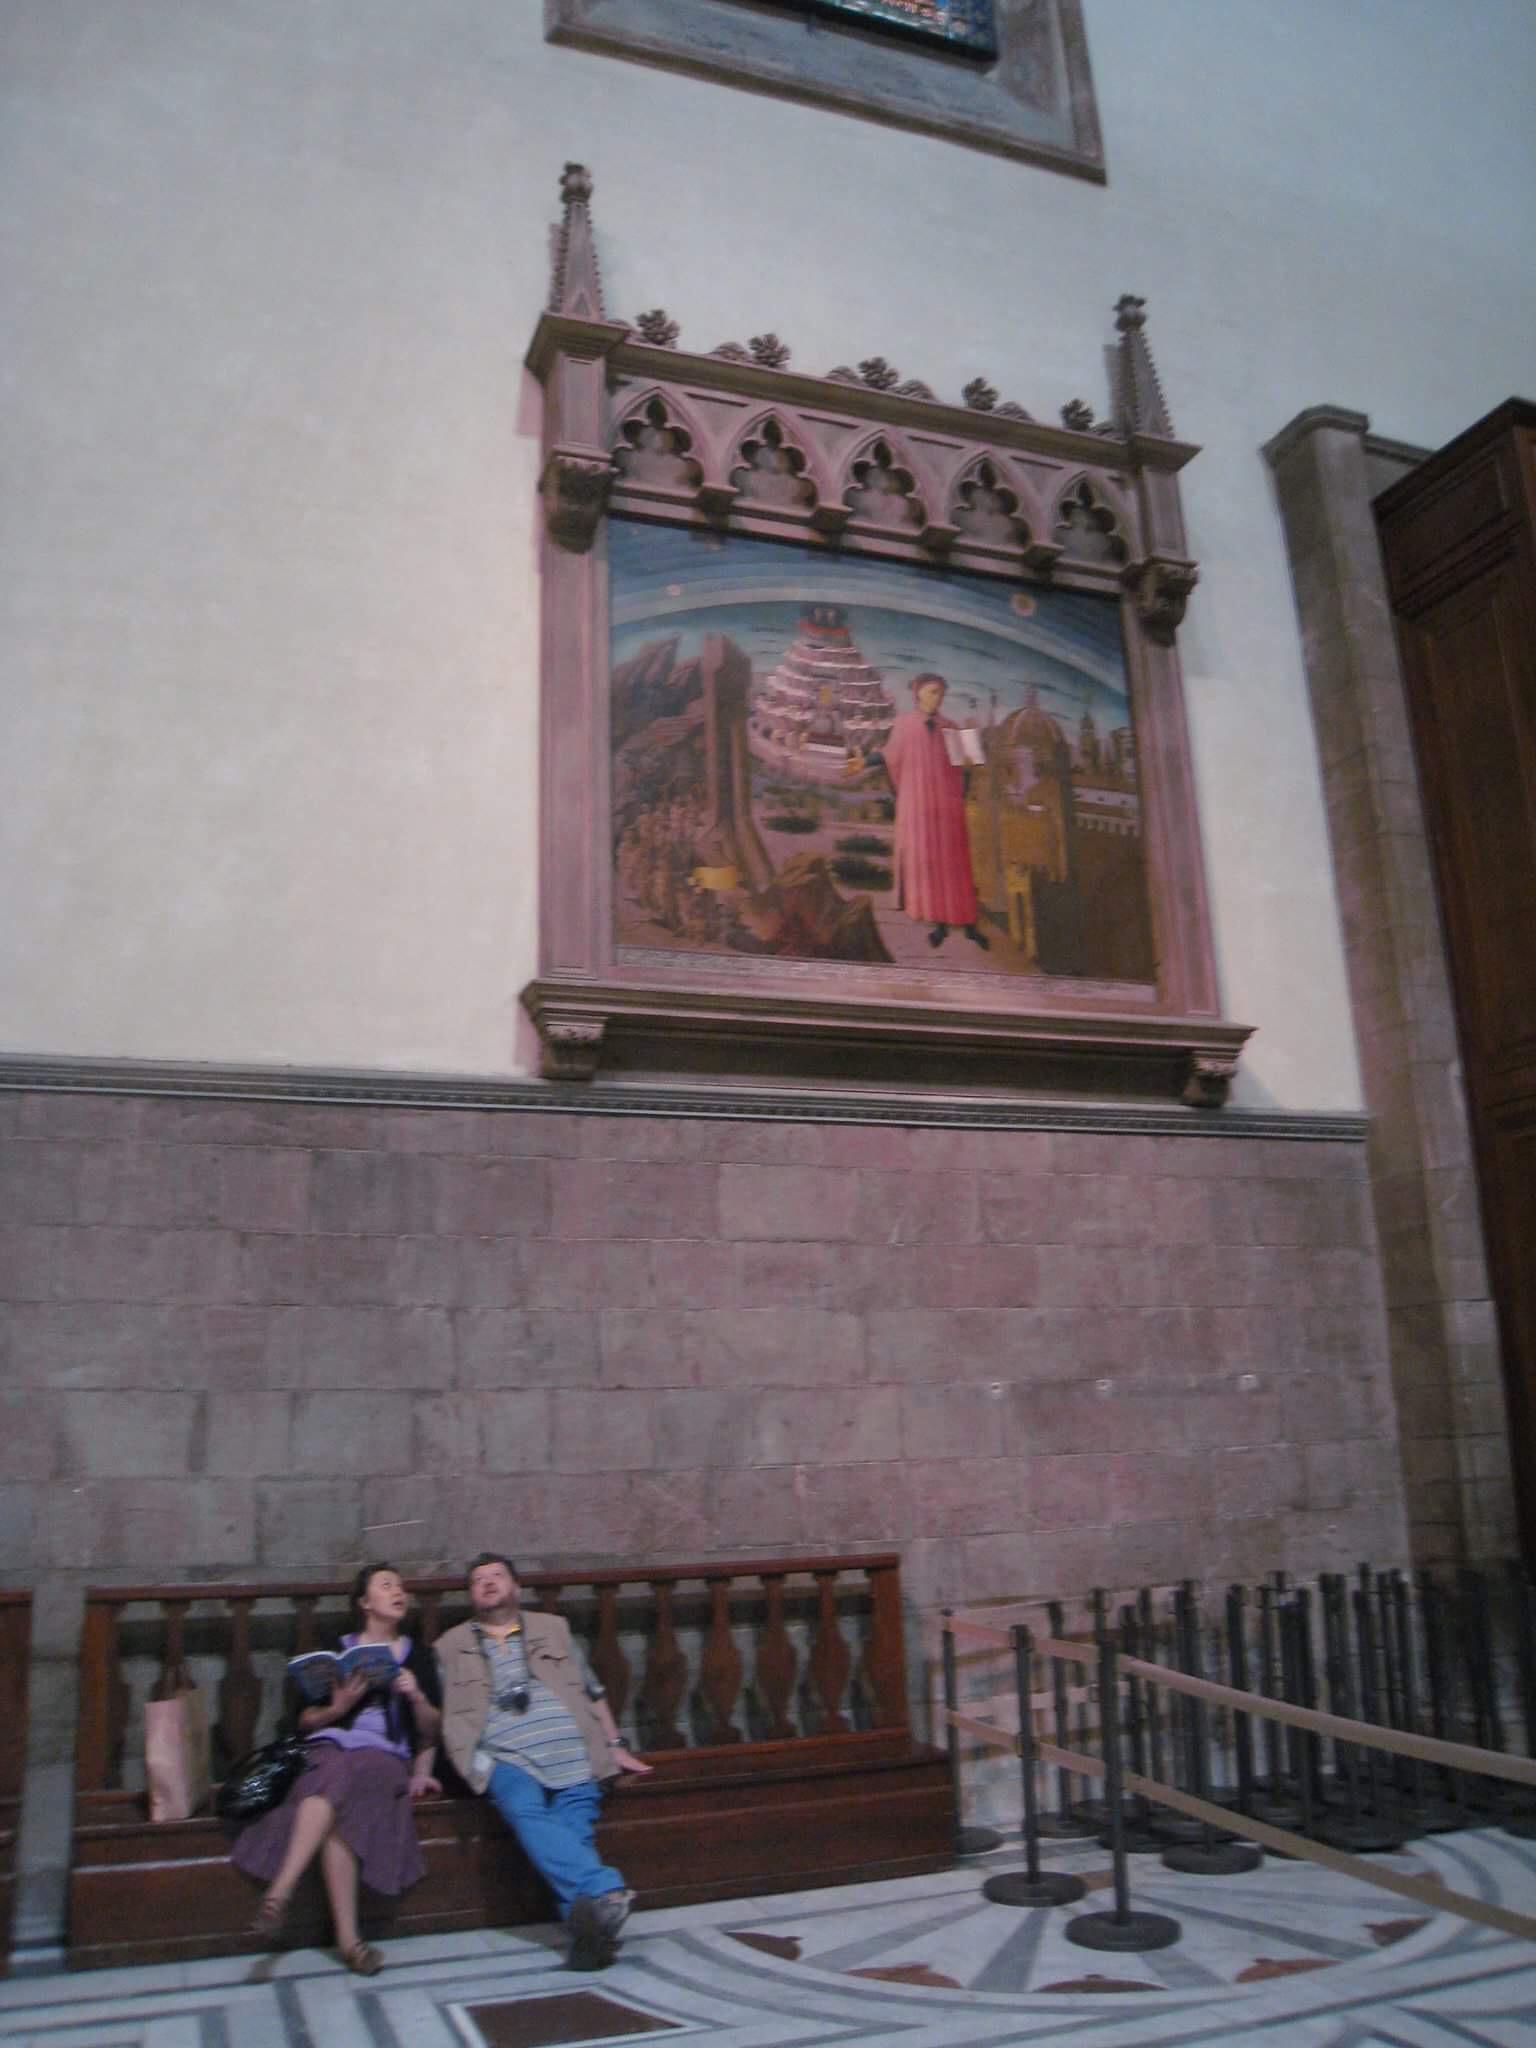 """Если картина """"Данте и три града"""" показалась вам небольшой и висящей достаточно низк, спешим вас разочаровать, сравнив размеры этого полотна с человеческим ростом."""